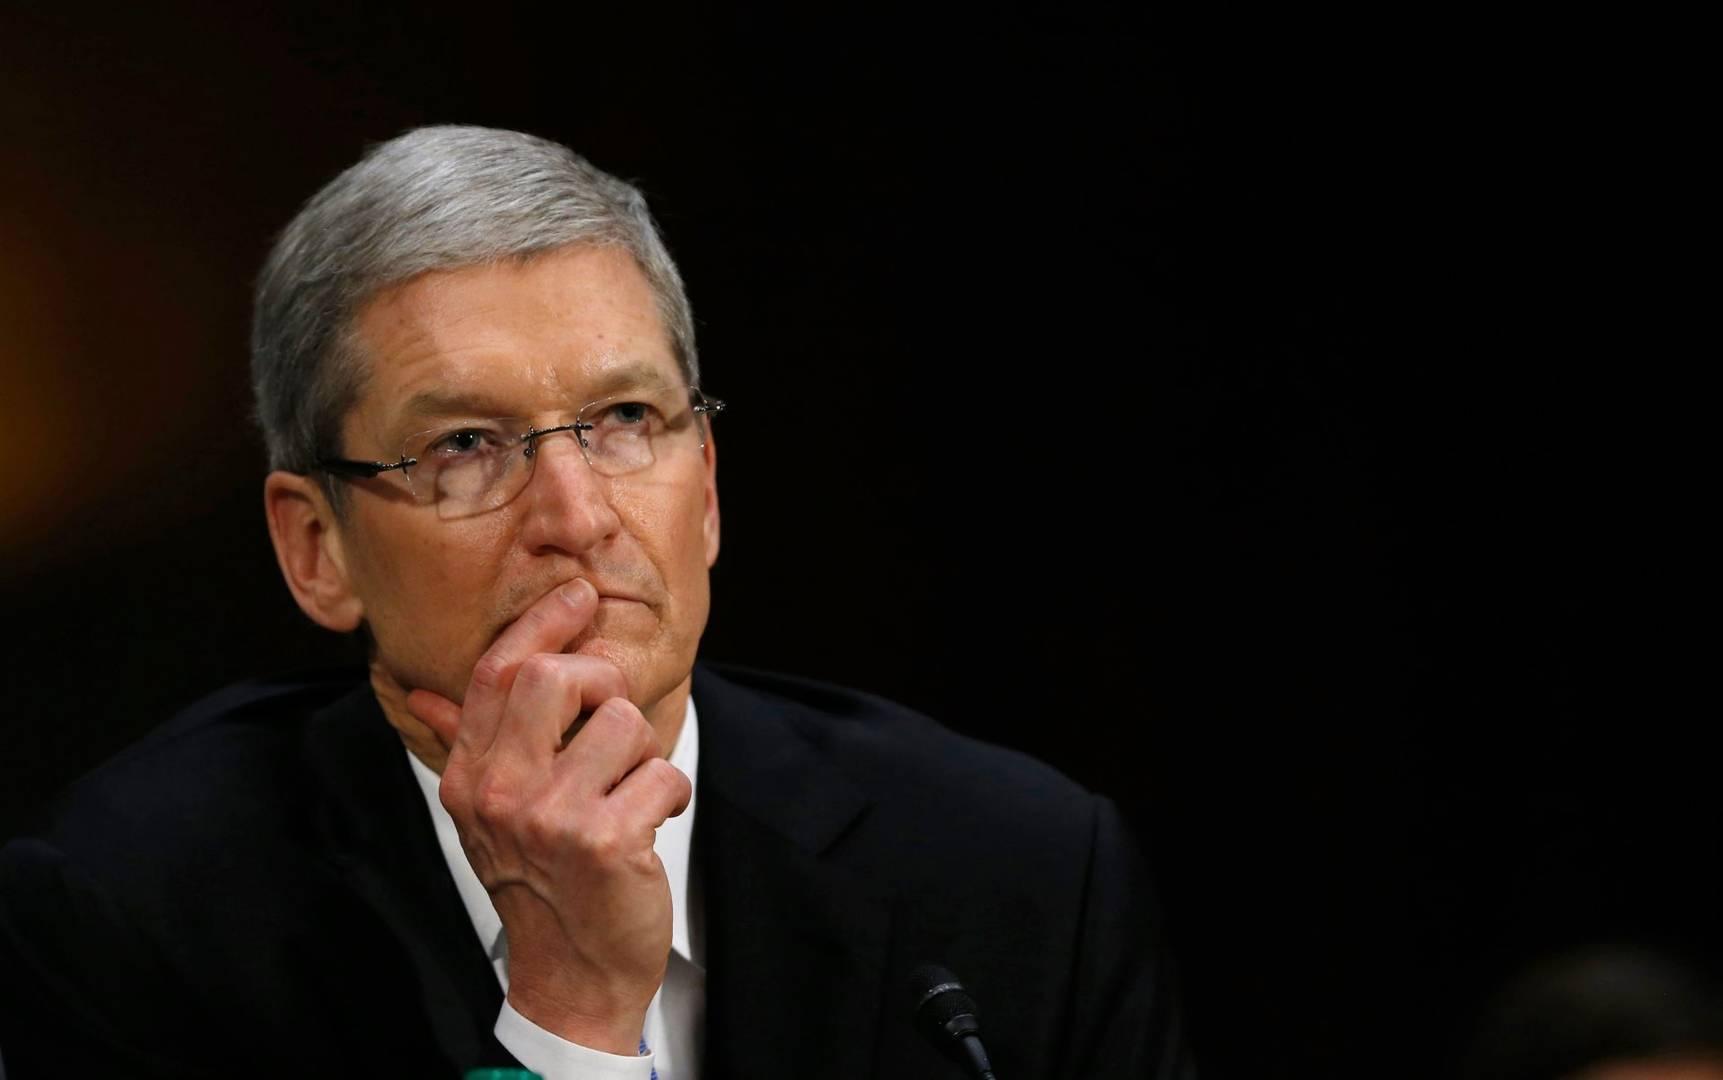 China habría intervenido con malware móviles iPhone de musulmanes en su país